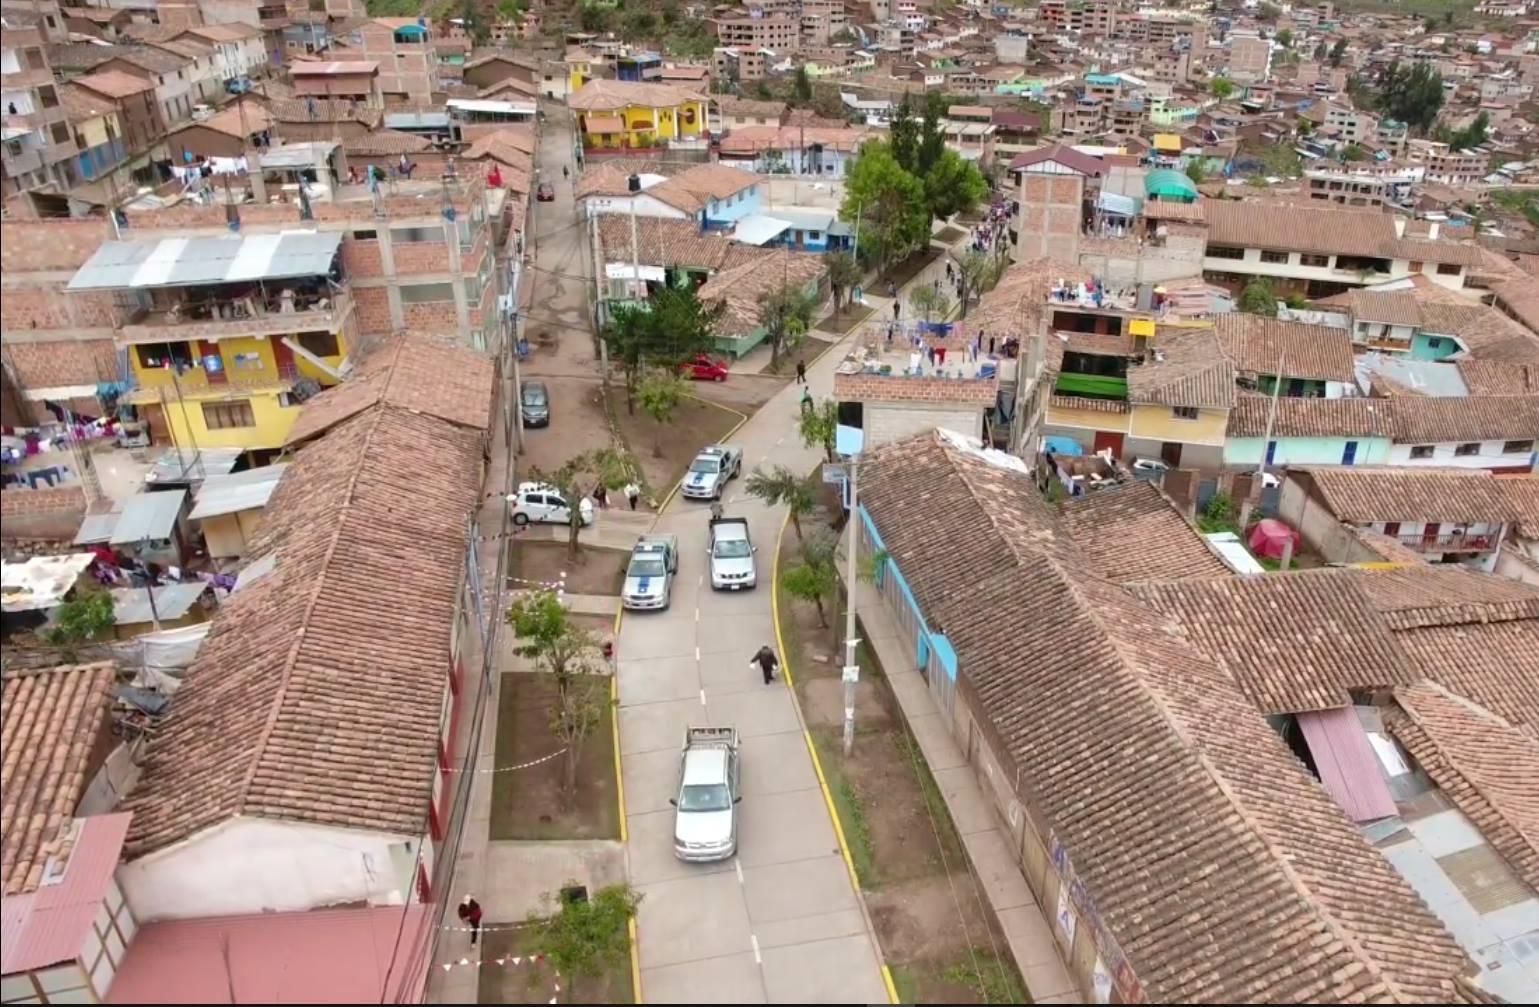 Familias de  independencia y Buena Vista se benefician con obras  MUNICIPALIDAD DE CUSCO INAUGURÓ INFRAESTRUCTURA VIAL QUE SUPERA LOS 3 MILLONES DE SOLES.